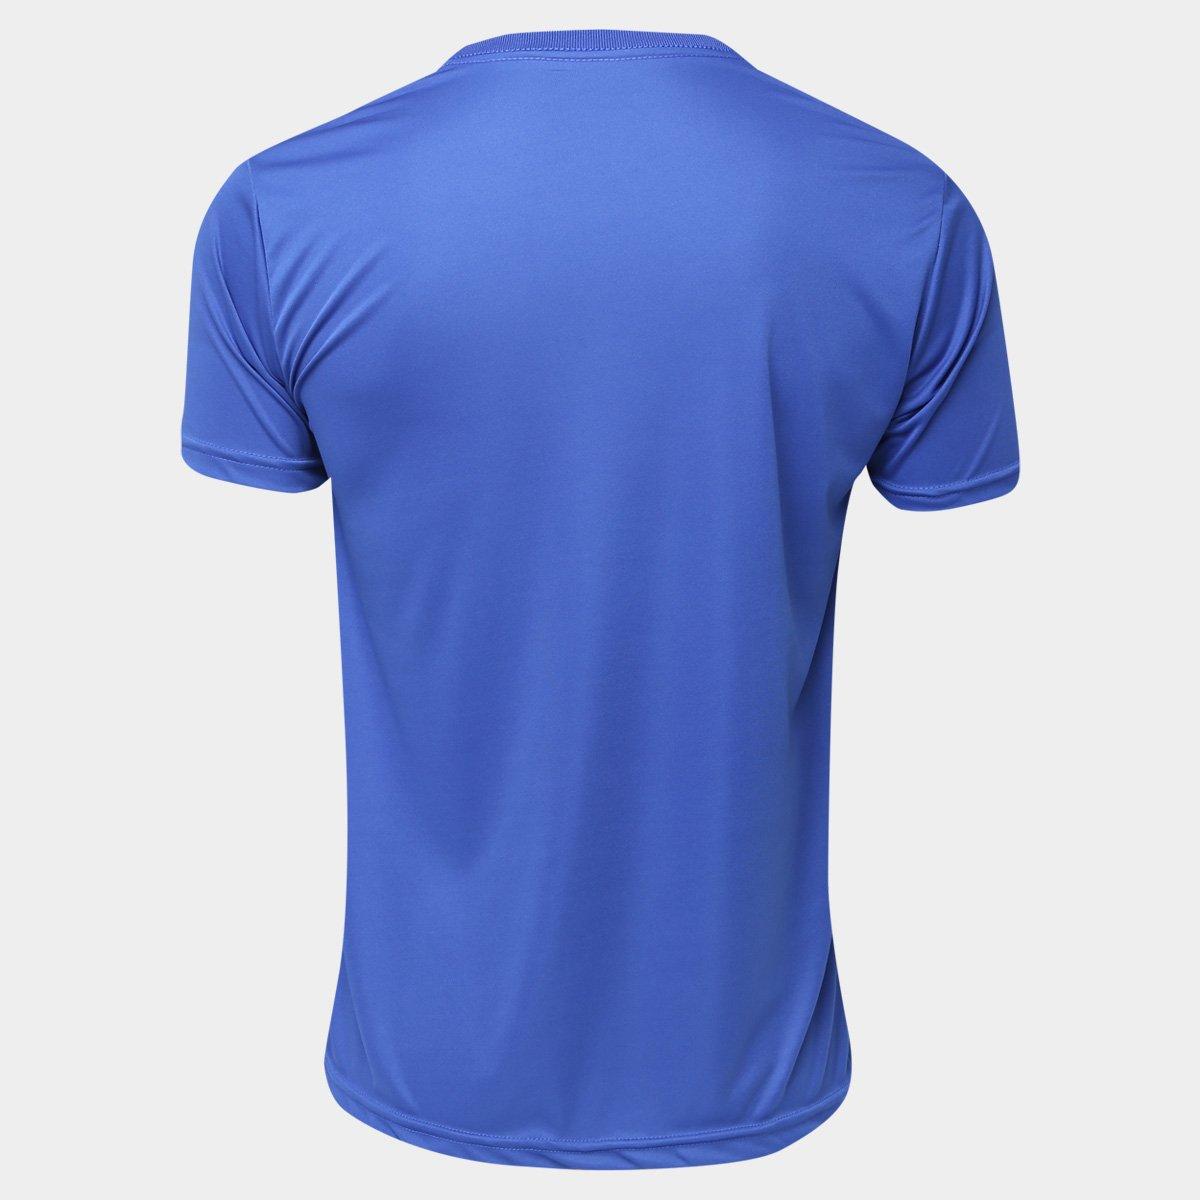 ... Camiseta Santos Dorval 17 Masculina - Azul. OFERTAS  OPEC 158949f6023e4